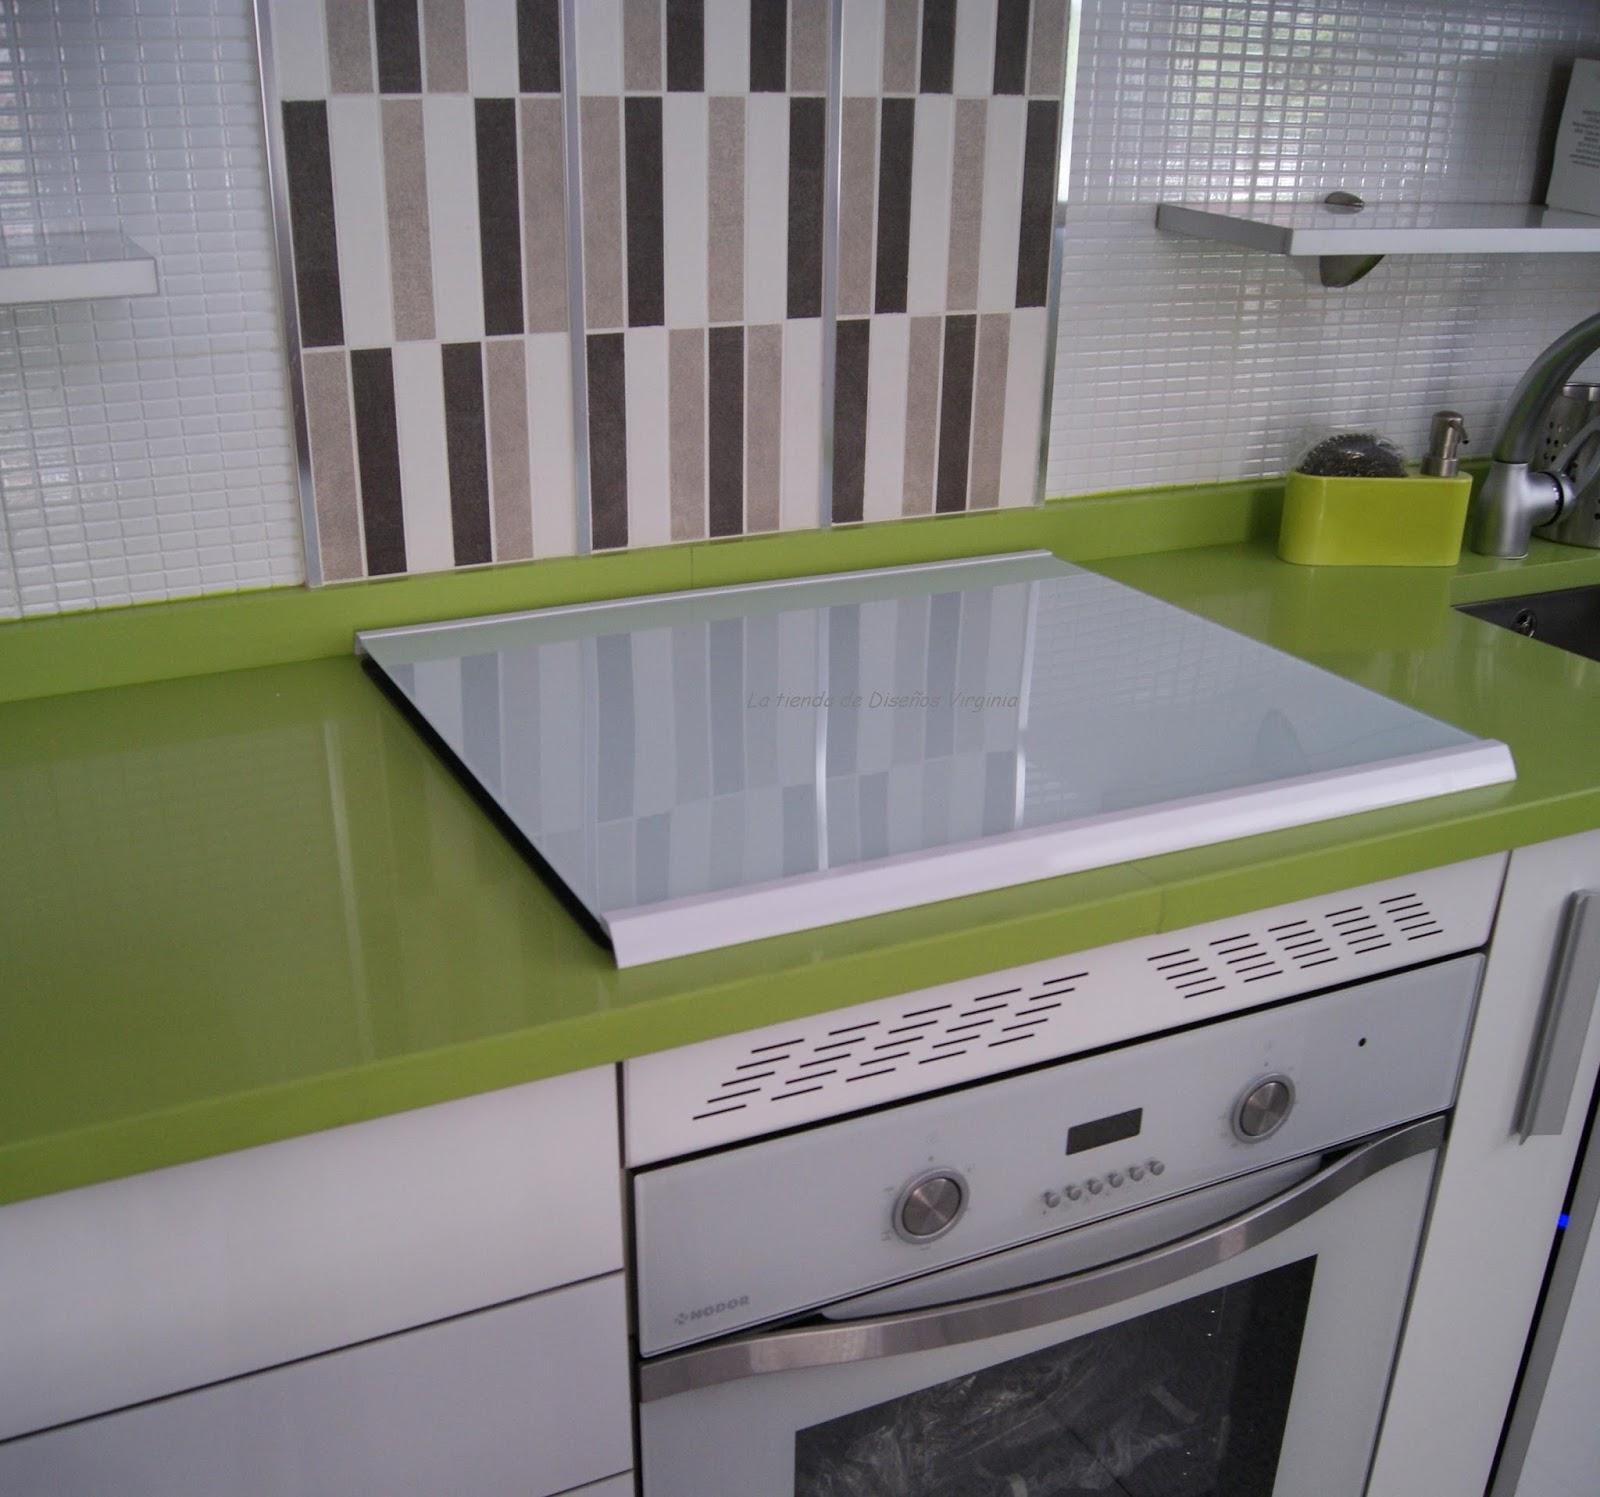 Protector antisalpicaduras cocina ilatela diy como hacer un protector de pared para la cocina - Protector antisalpicaduras cocina ...